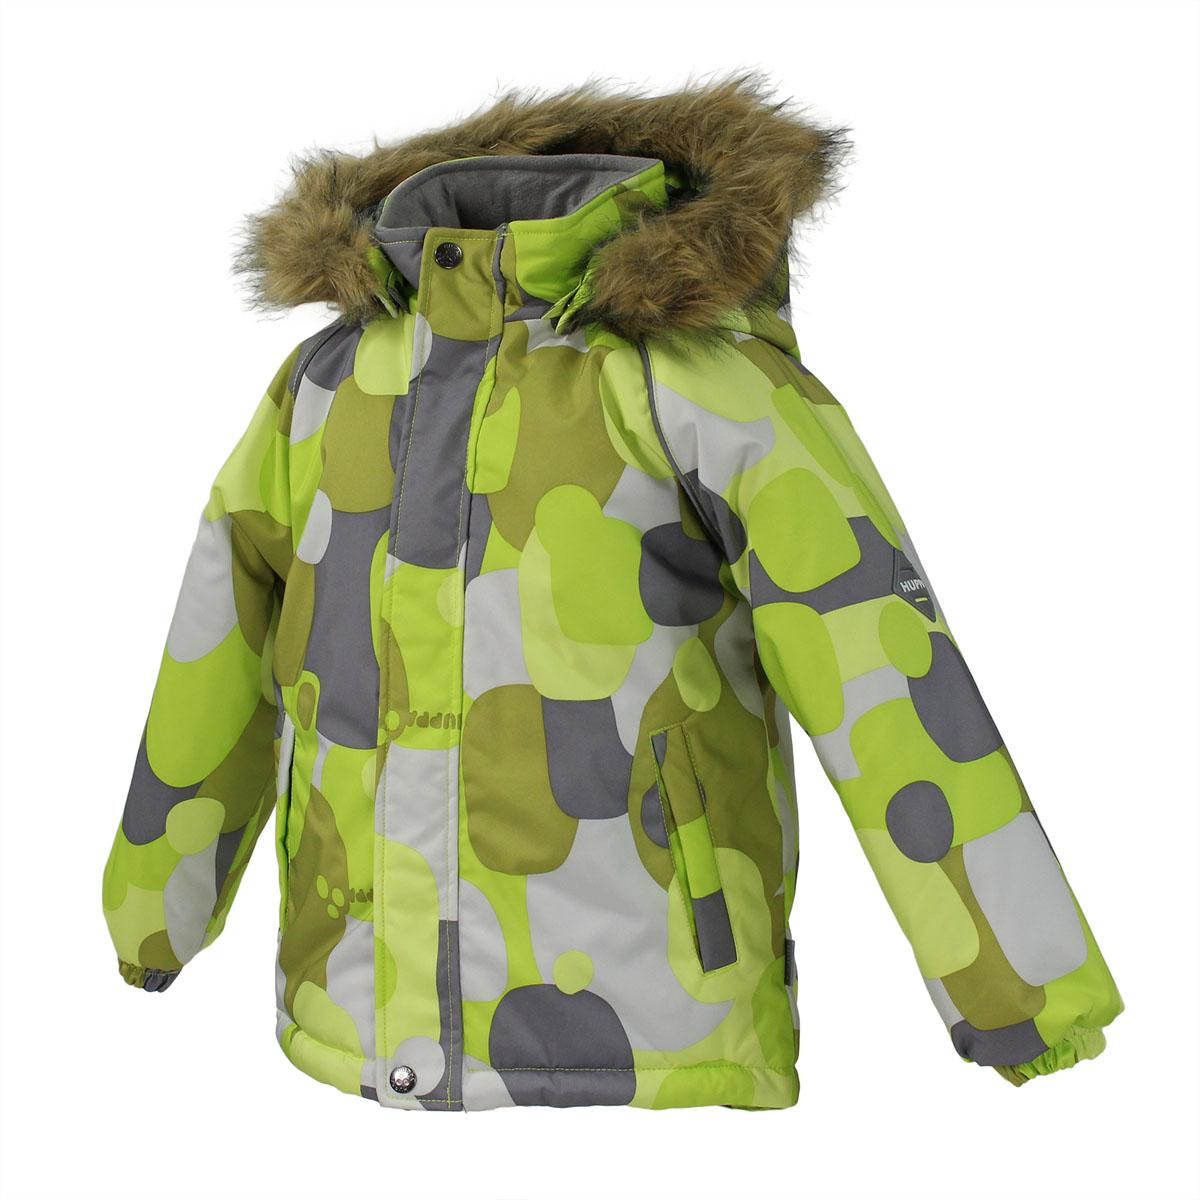 Куртка детская Marinel. 1720BW01_R1720BW01_R63Очаровательная детская куртка Huppa Marinel идеально подойдет для ребенка в холодное время года. Курточка изготовлена из водоотталкивающей и ветрозащитной ткани с утеплителем из HuppaTherm - 100% полиэстера. HuppaTherm - высокотехнологичный легкий синтетический утеплитель нового поколения. Уникальная структура микроволокон не позволяет проникнуть холодному воздуху, в то же время, удерживая теплый воздух между волокнами, обеспечивая высокую теплоизоляцию изделия. Полиуретан с микропорами препятствует прохождению воды и ветра сквозь ткань внутрь изделия, в то же время, позволяя испаряться выделяемой телом влаге. Для максимальной влагонепроницаемости изделия основные швы проклеены водостойкой лентой. Сплетения волокон в тканях выполнены по специальной технологии, которая придает ткани прочность и предохраняет от истирания. В качестве подкладки используется 100% полиэстер. Куртка с капюшоном и рукавами-реглан застегивается на пластиковую застежку-молнию и дополнительно имеет...